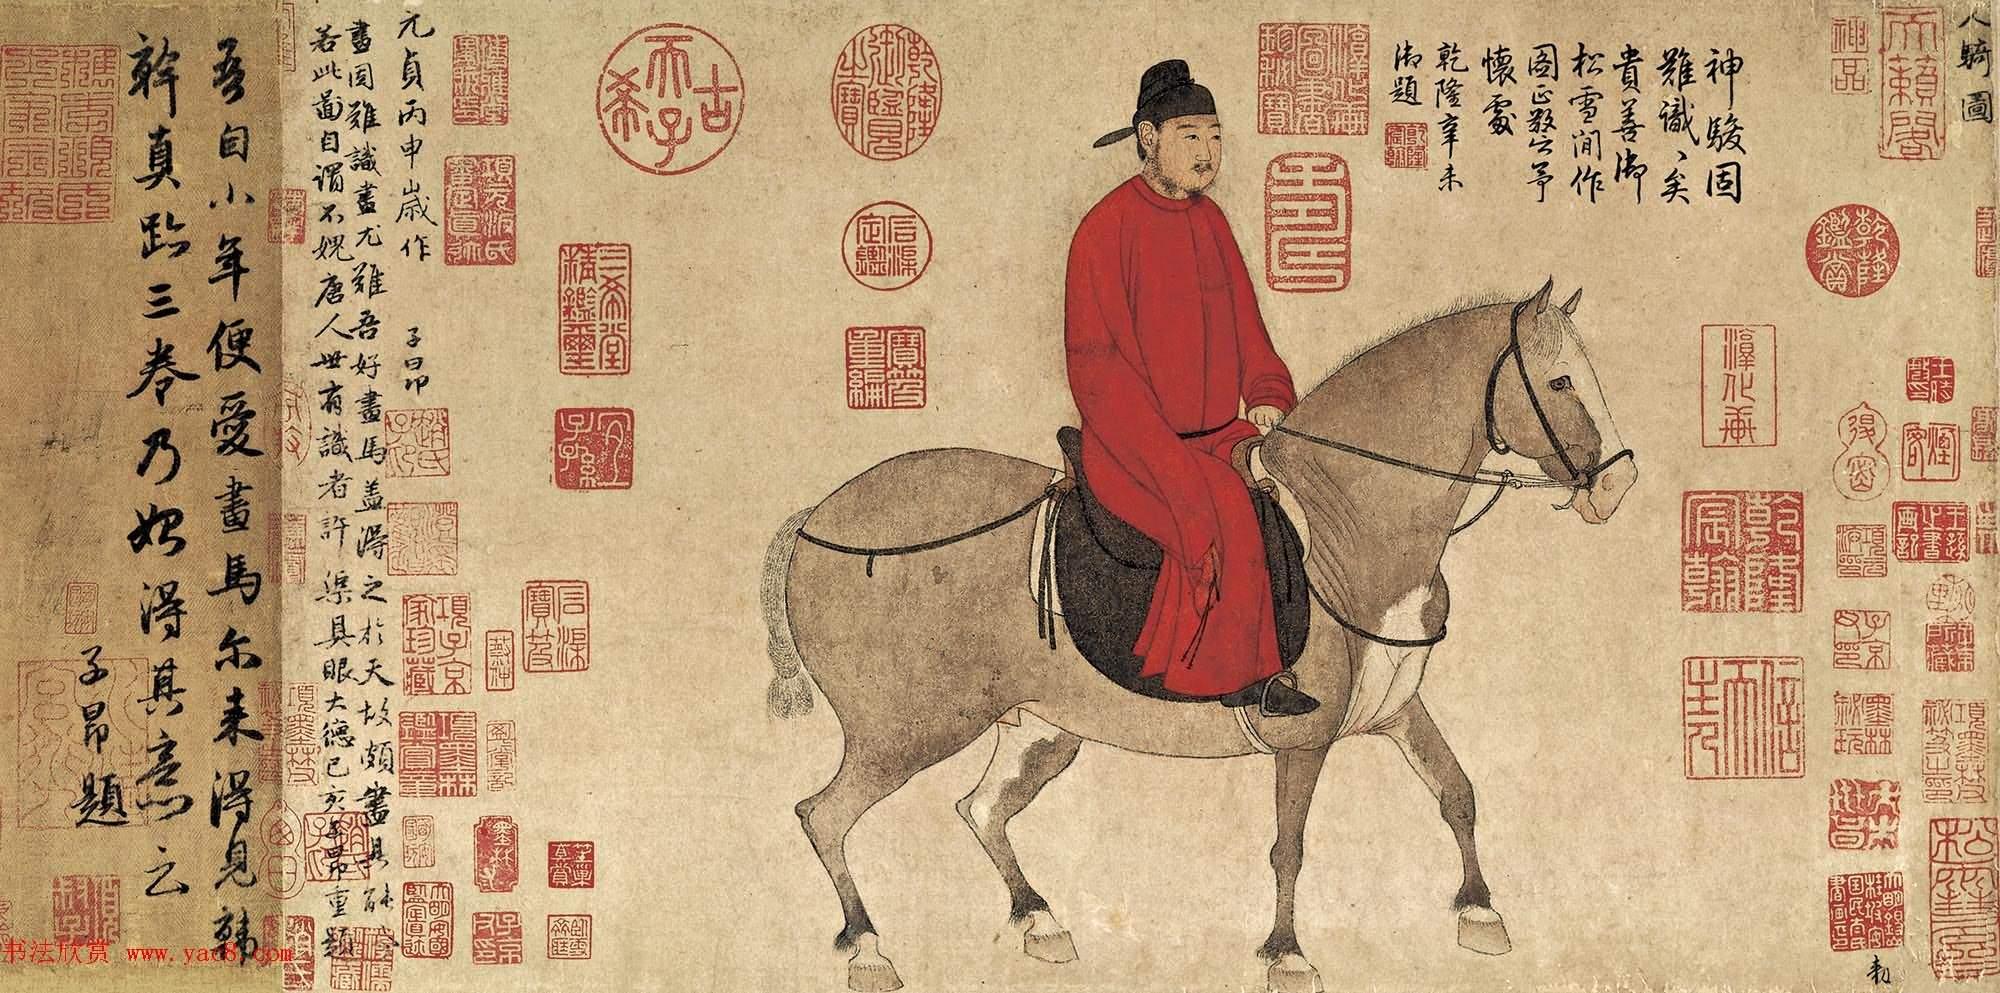 趙孟頫書法字畫真跡欣賞《人騎圖》(共6張圖片)